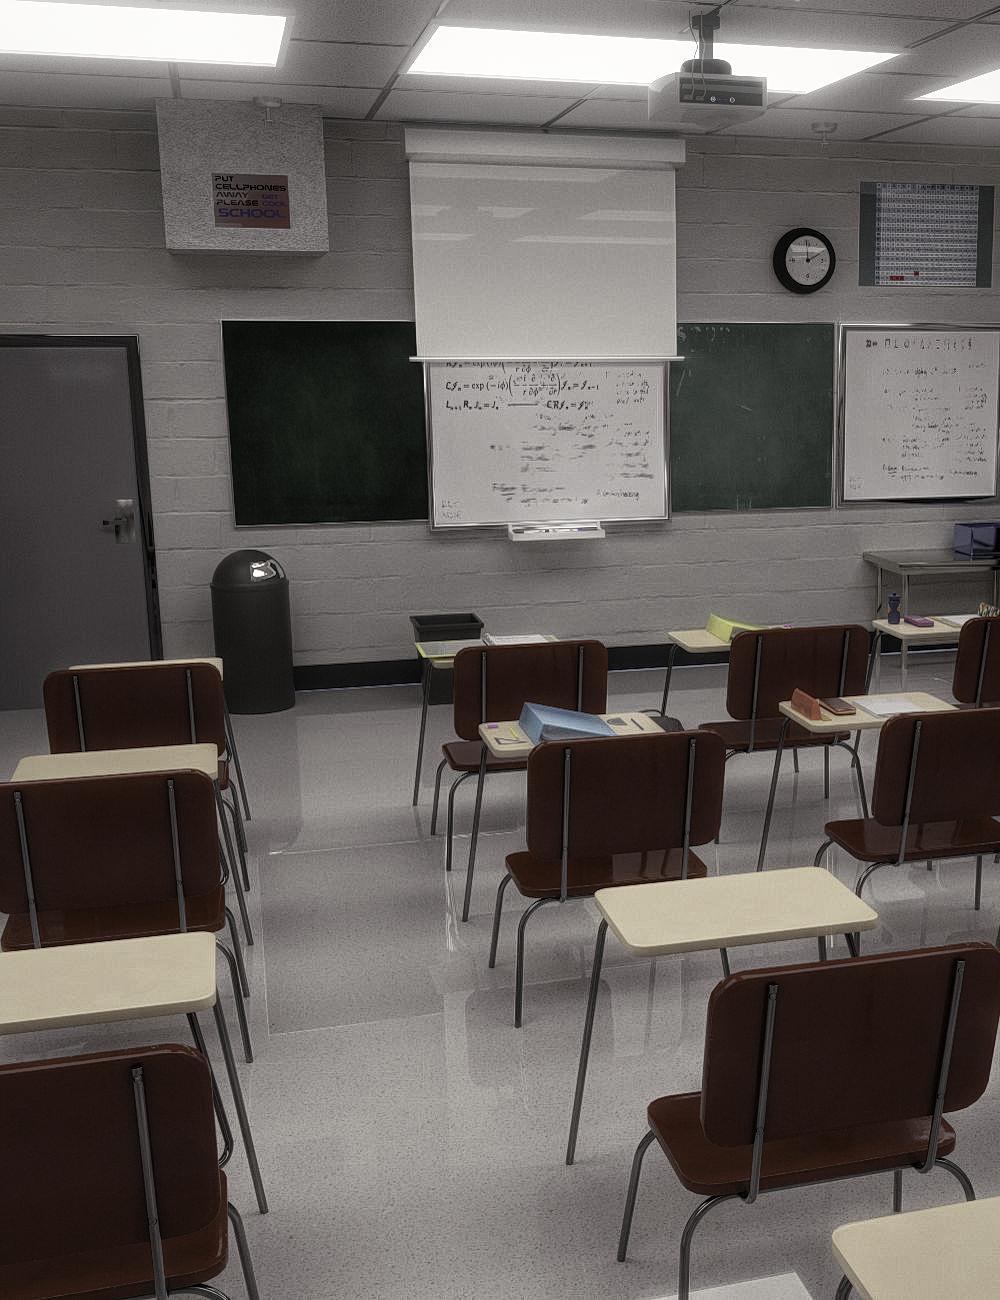 FG Classroom by: Fugazi1968, 3D Models by Daz 3D